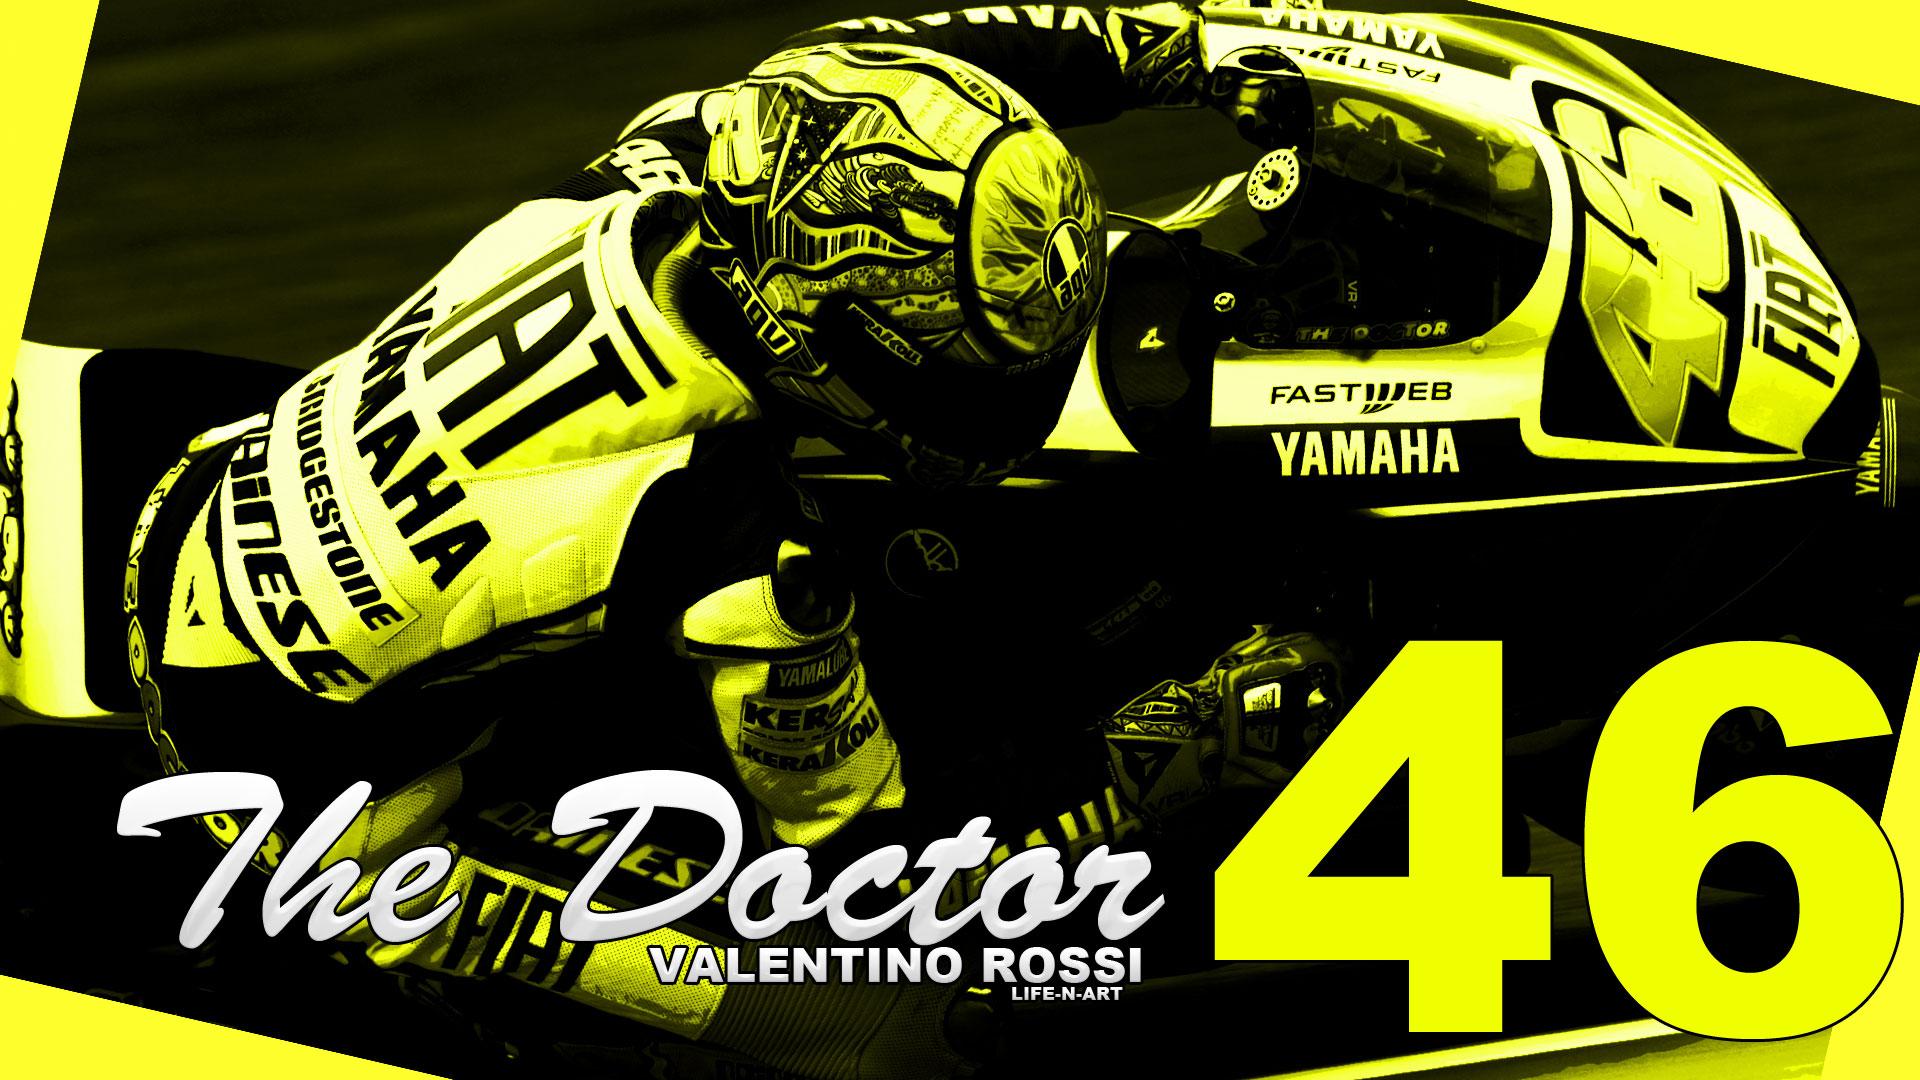 Valentino Rossi Logo Desktop Wallpaper is a hi res Wallpaper 1920x1080